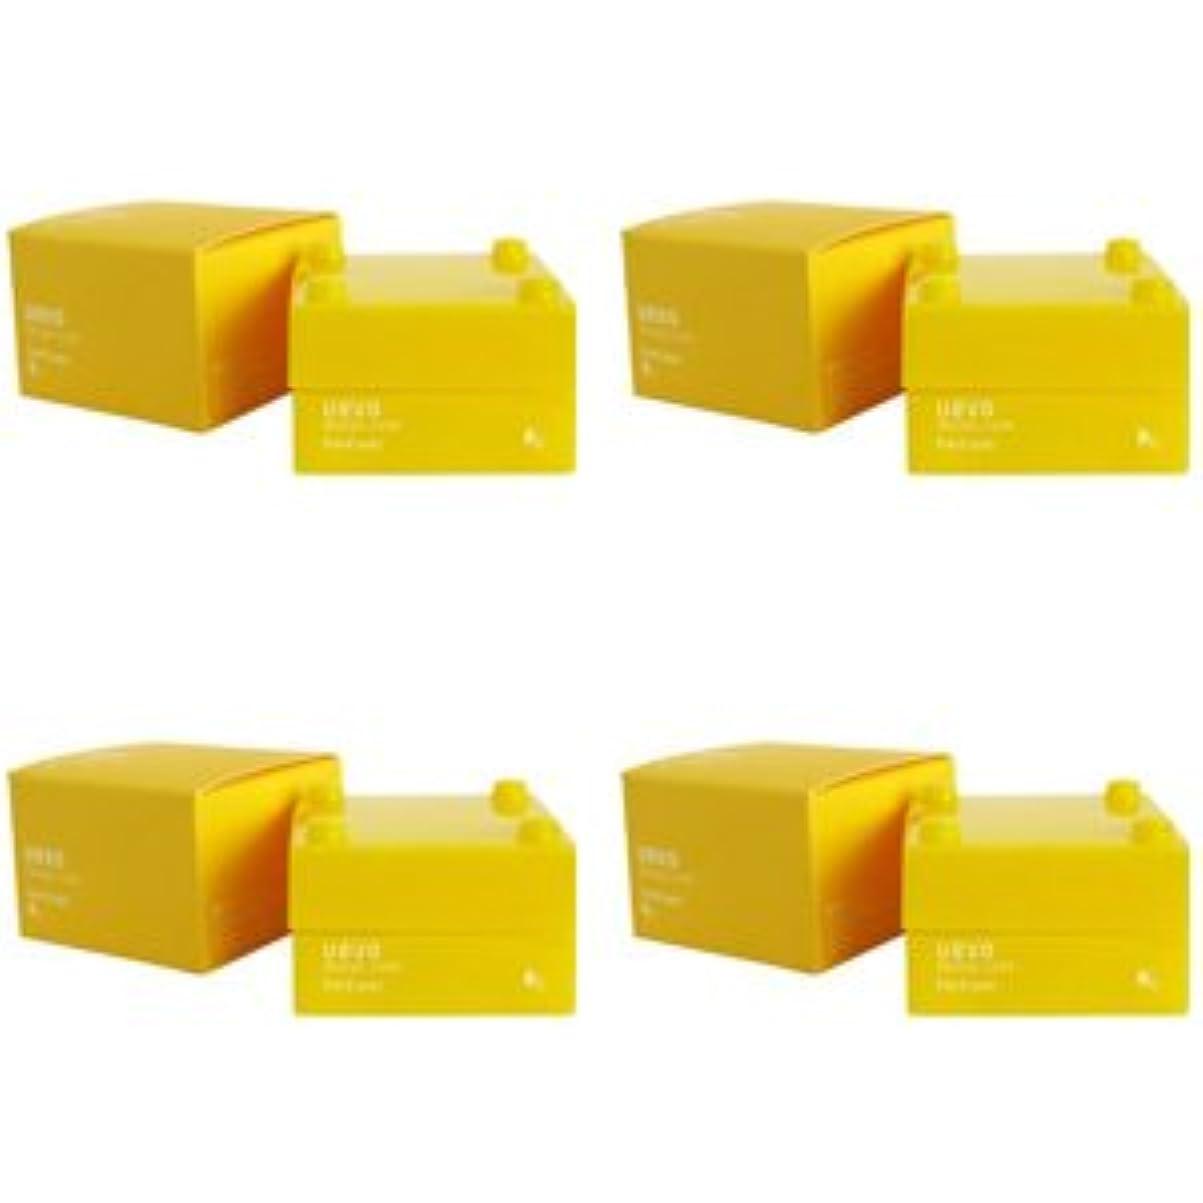 放出思想【X4個セット】 デミ ウェーボ デザインキューブ ハードワックス 30g hard wax DEMI uevo design cube